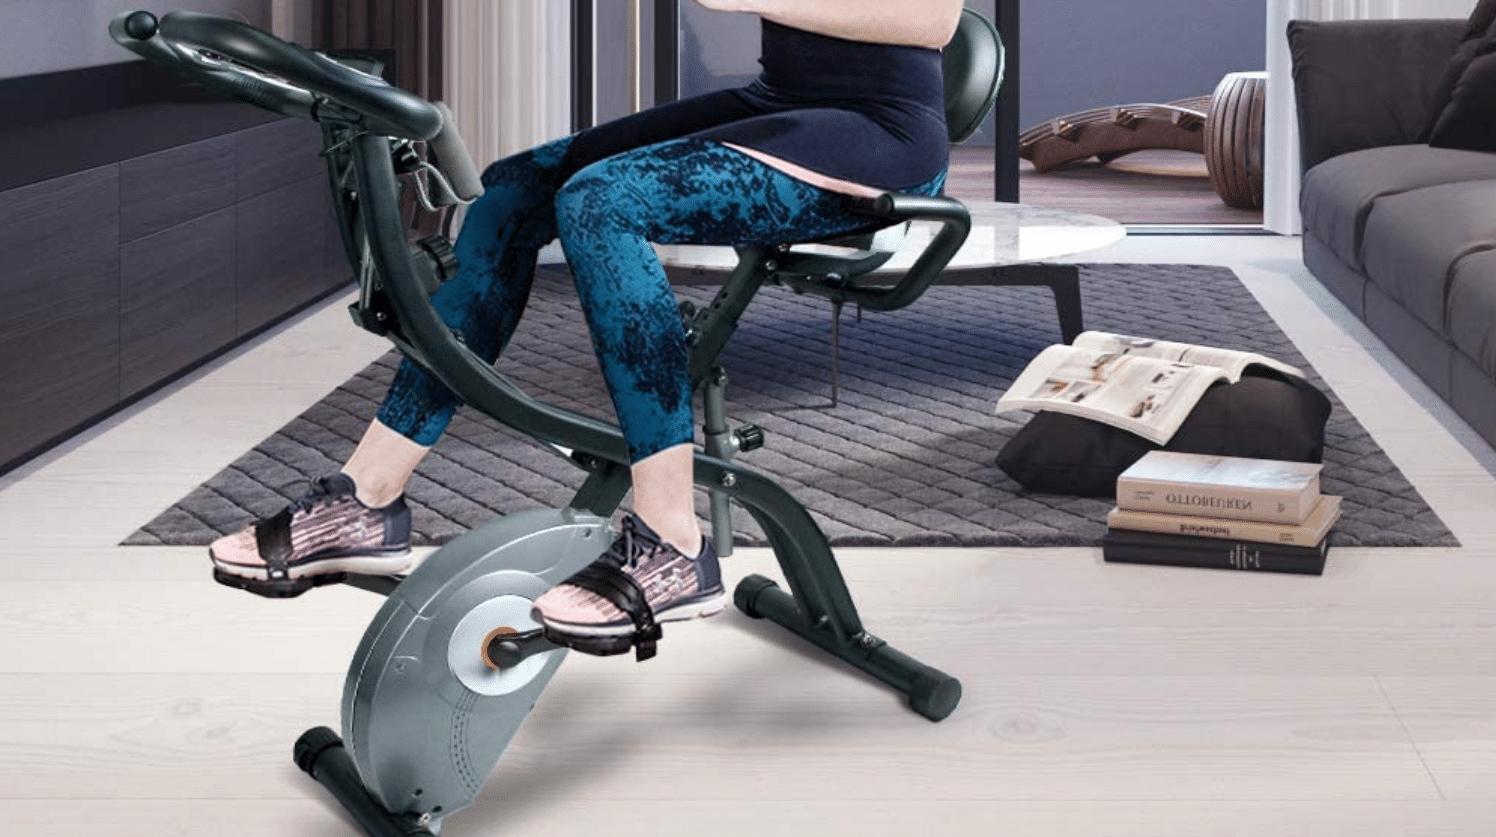 Conseils pour bien choisir son vélo d'appartement pour maigrir